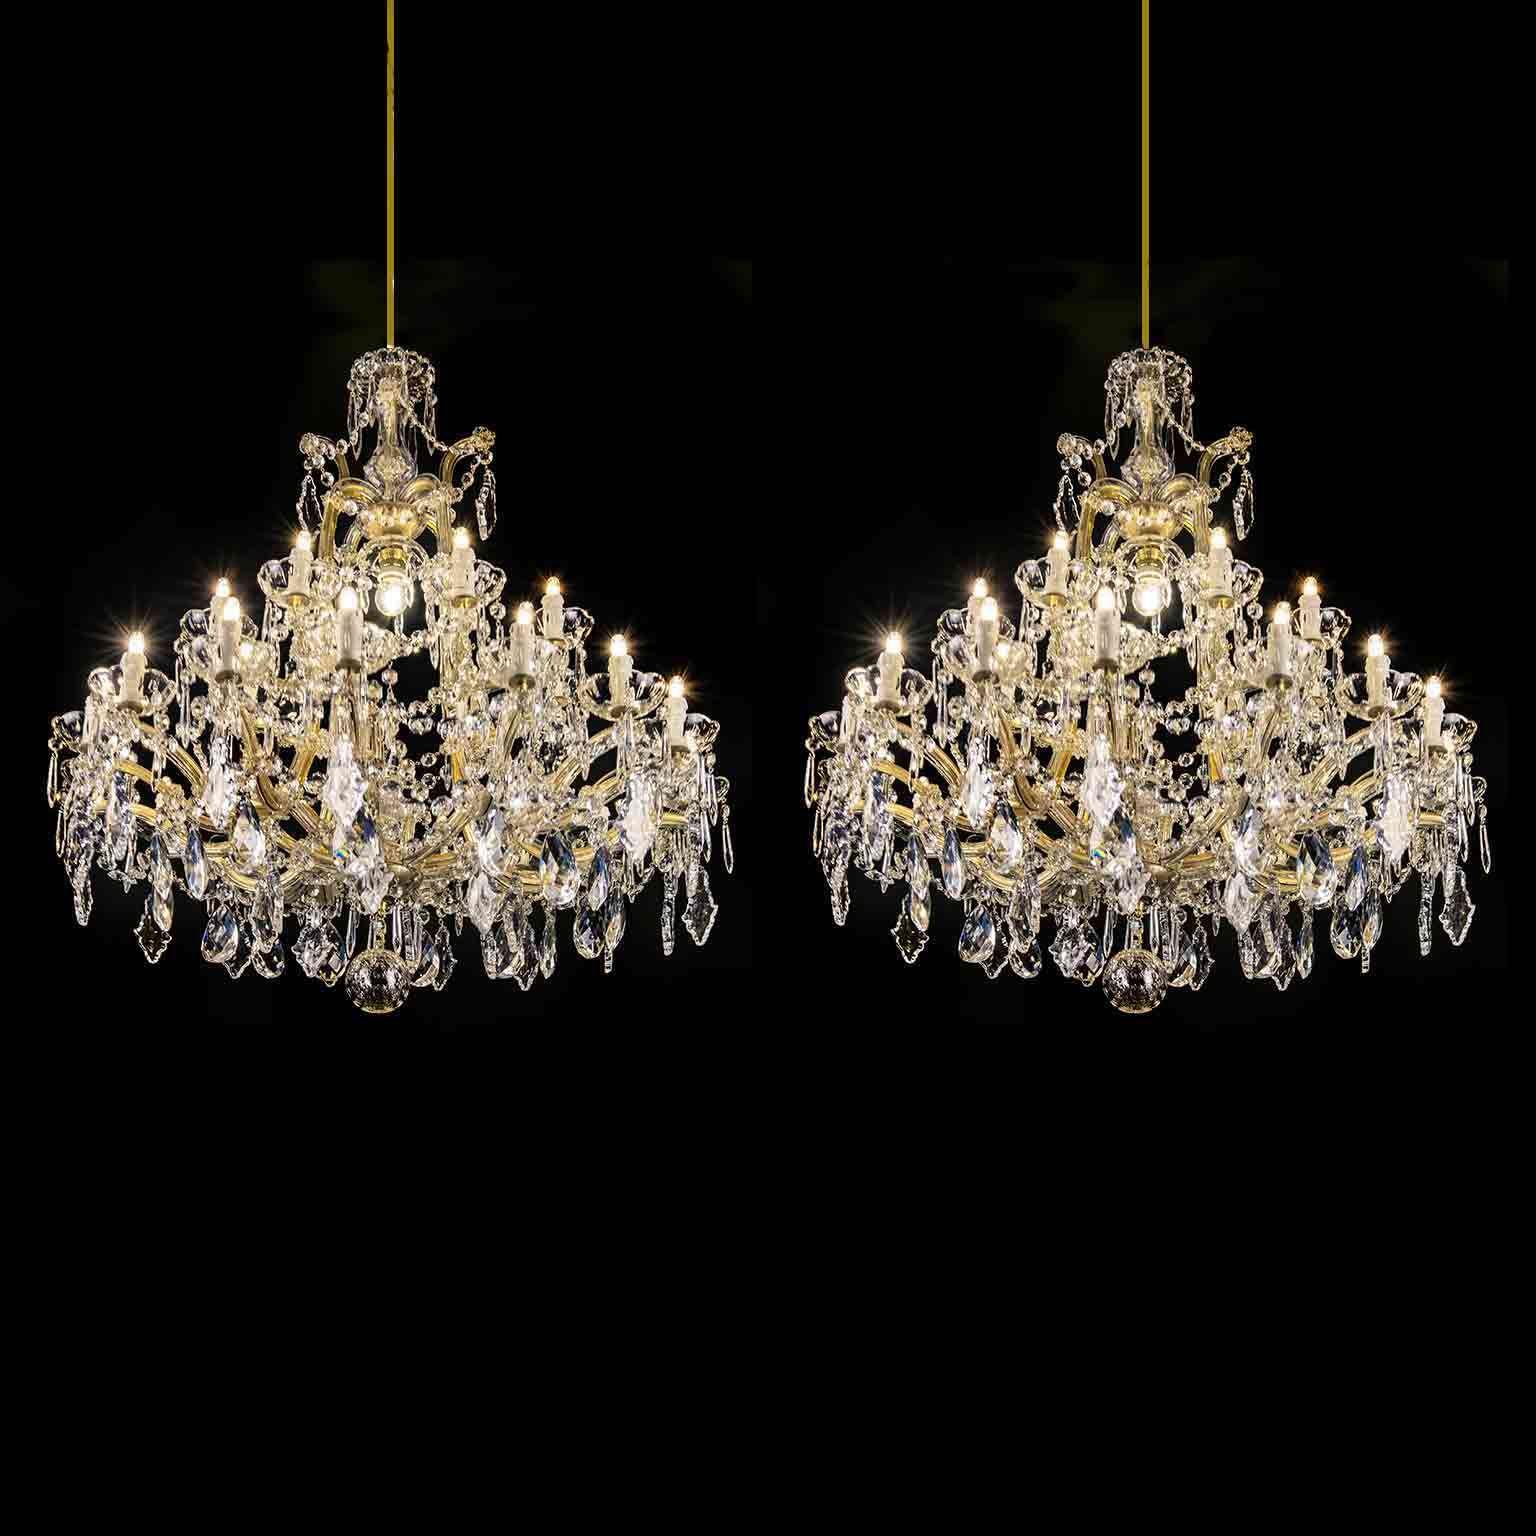 Lampadari In Cristallo Di Boemia Antichi.Coppia Di Antichi Lampadari In Cristallo Maria Teresa Nel